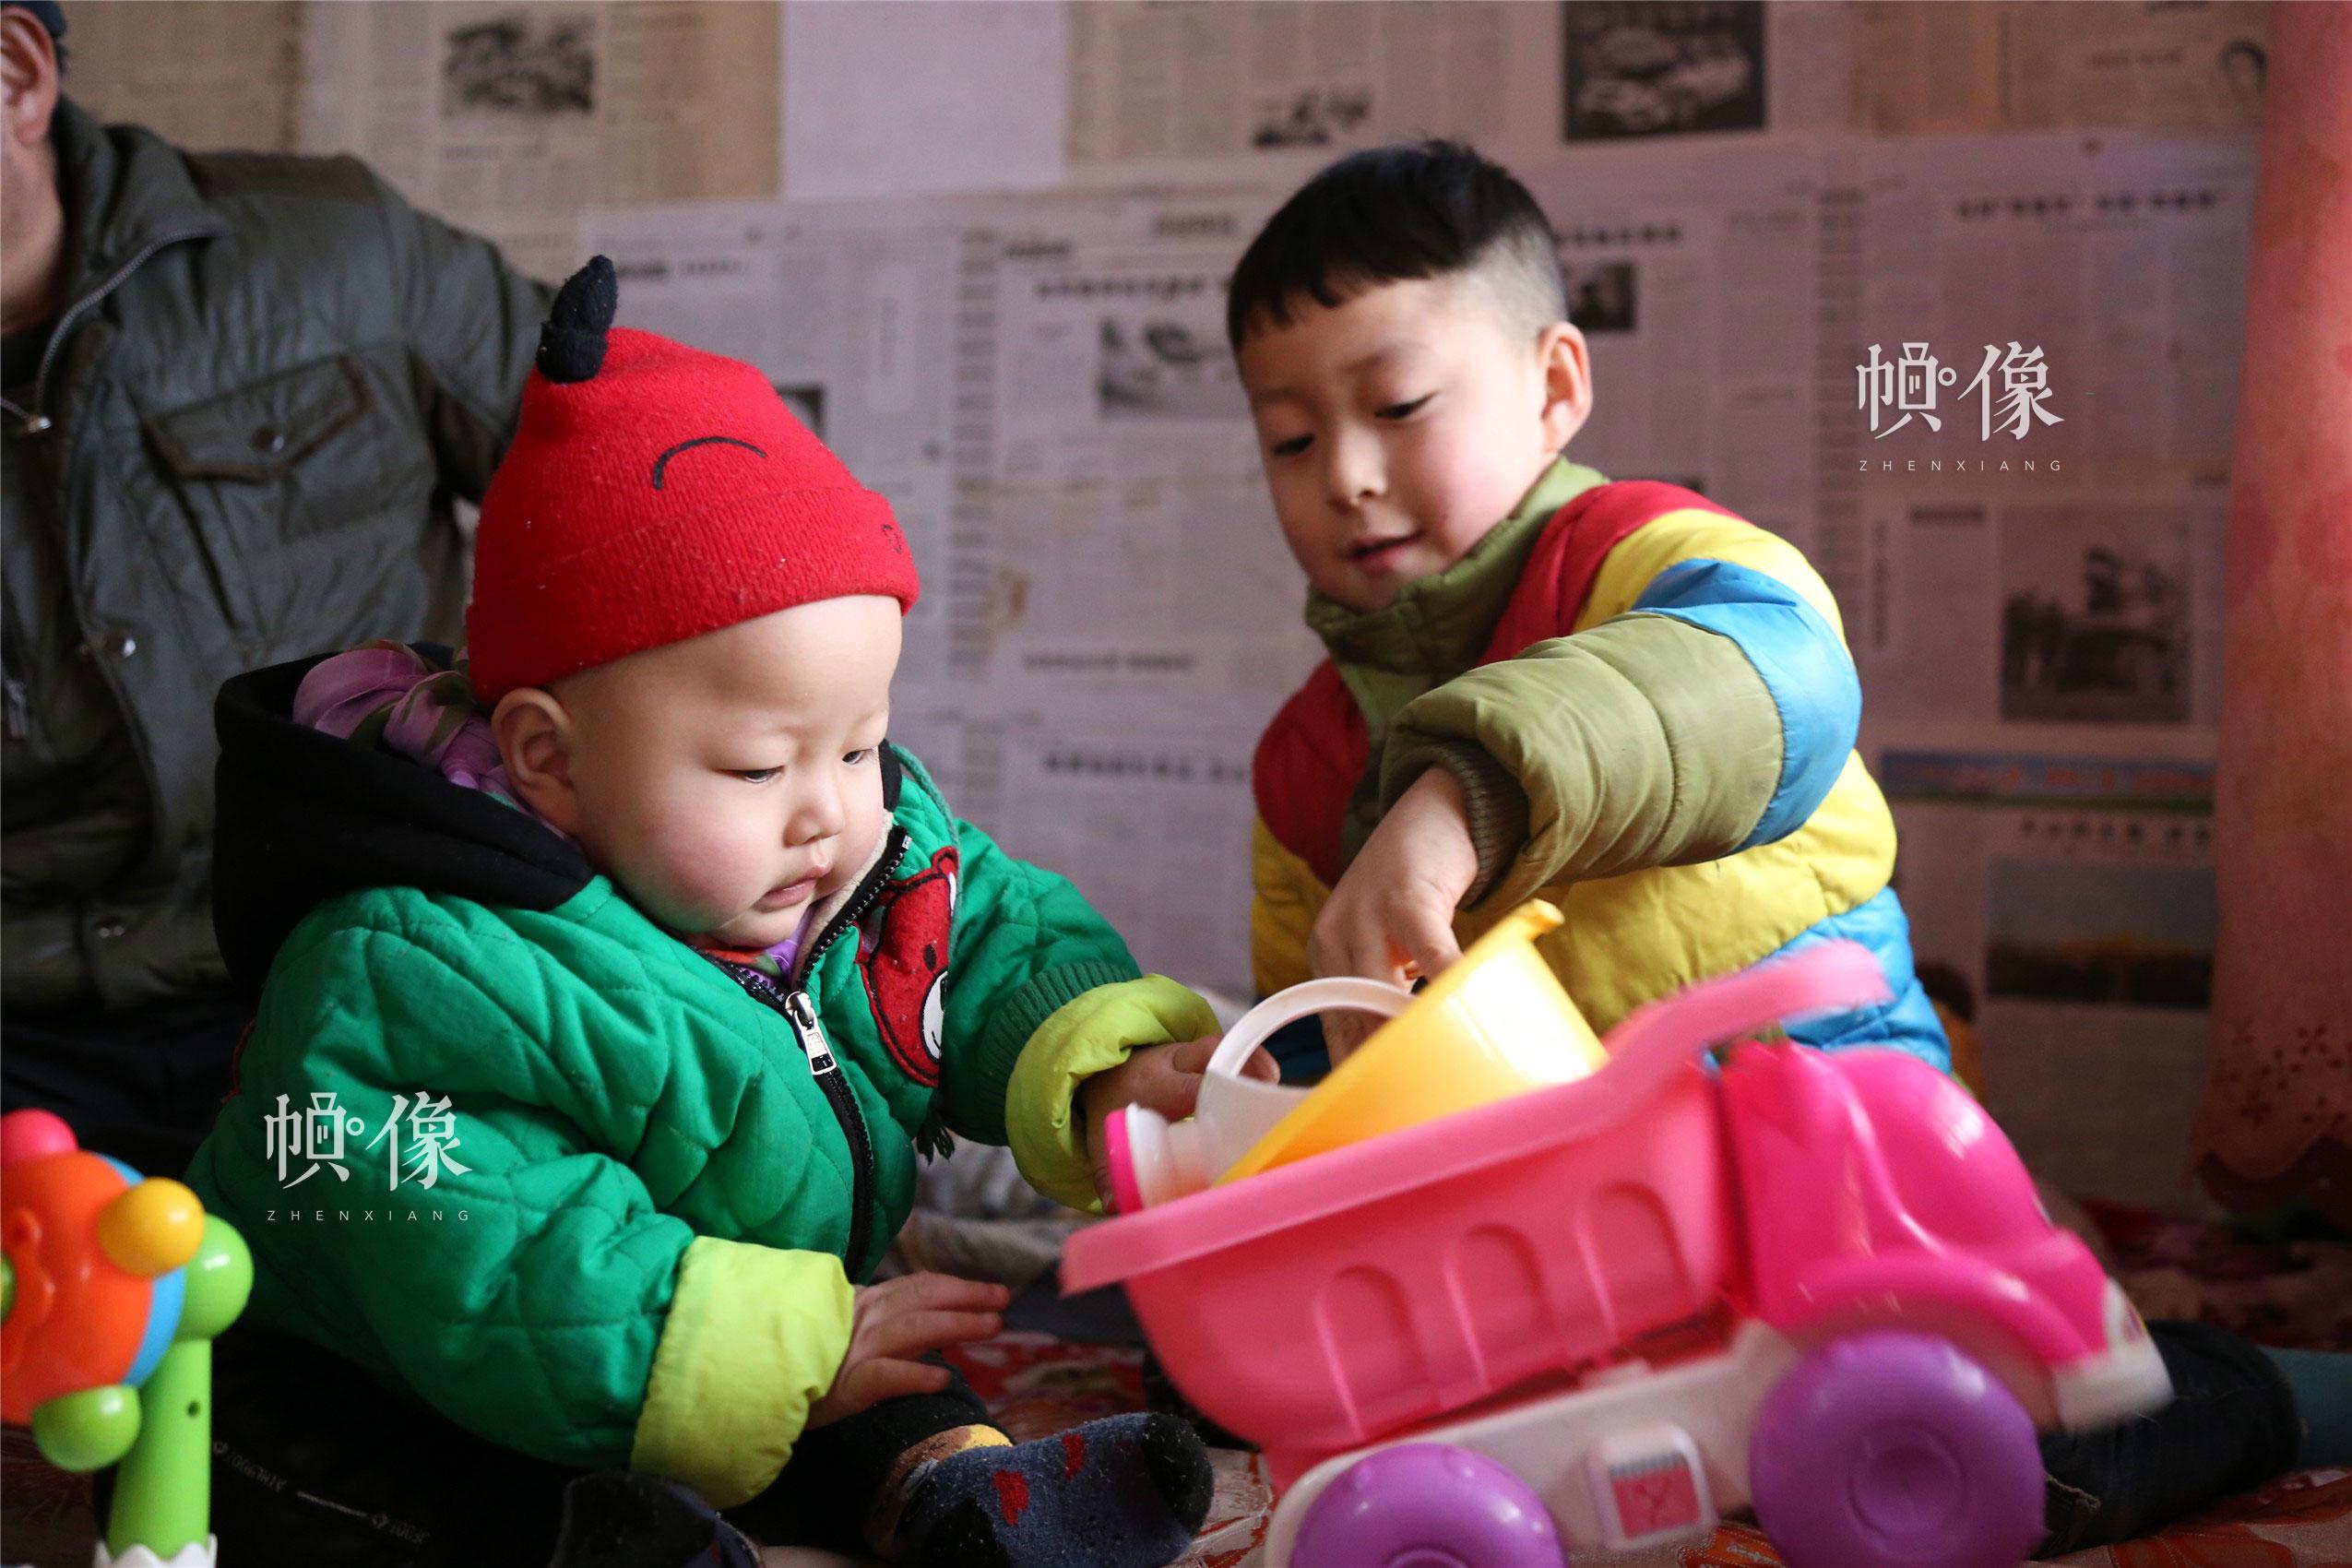 2018年1月22日,甘肃省陇南市西和县,听障儿童潘小明与哥哥在家玩耍。中国网实习记者 朱珊杉 摄